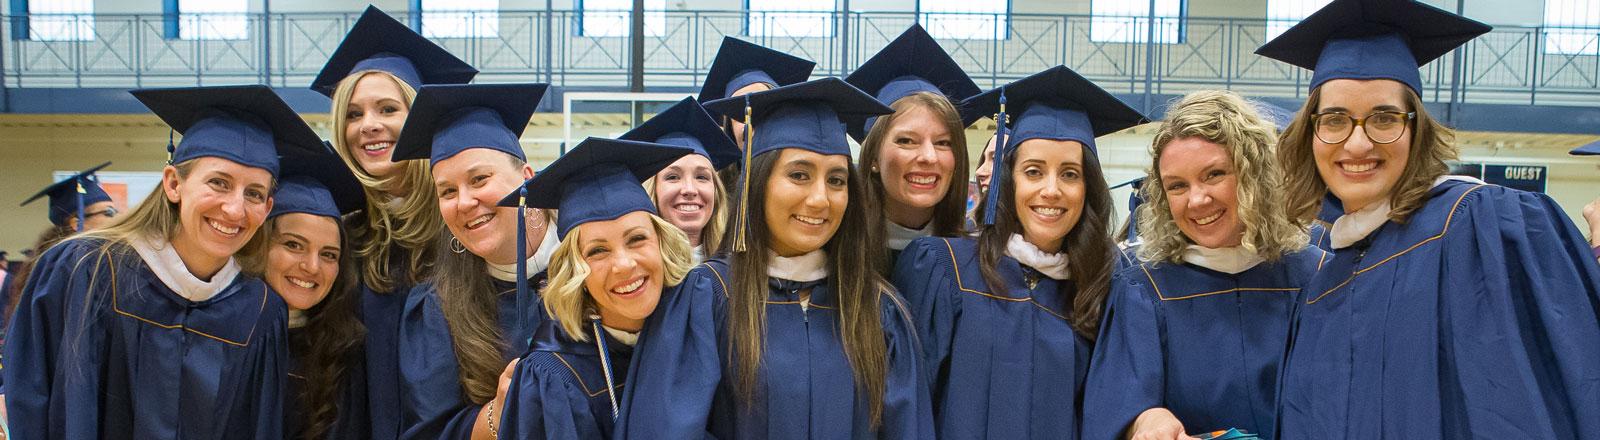 graduate-commenecement